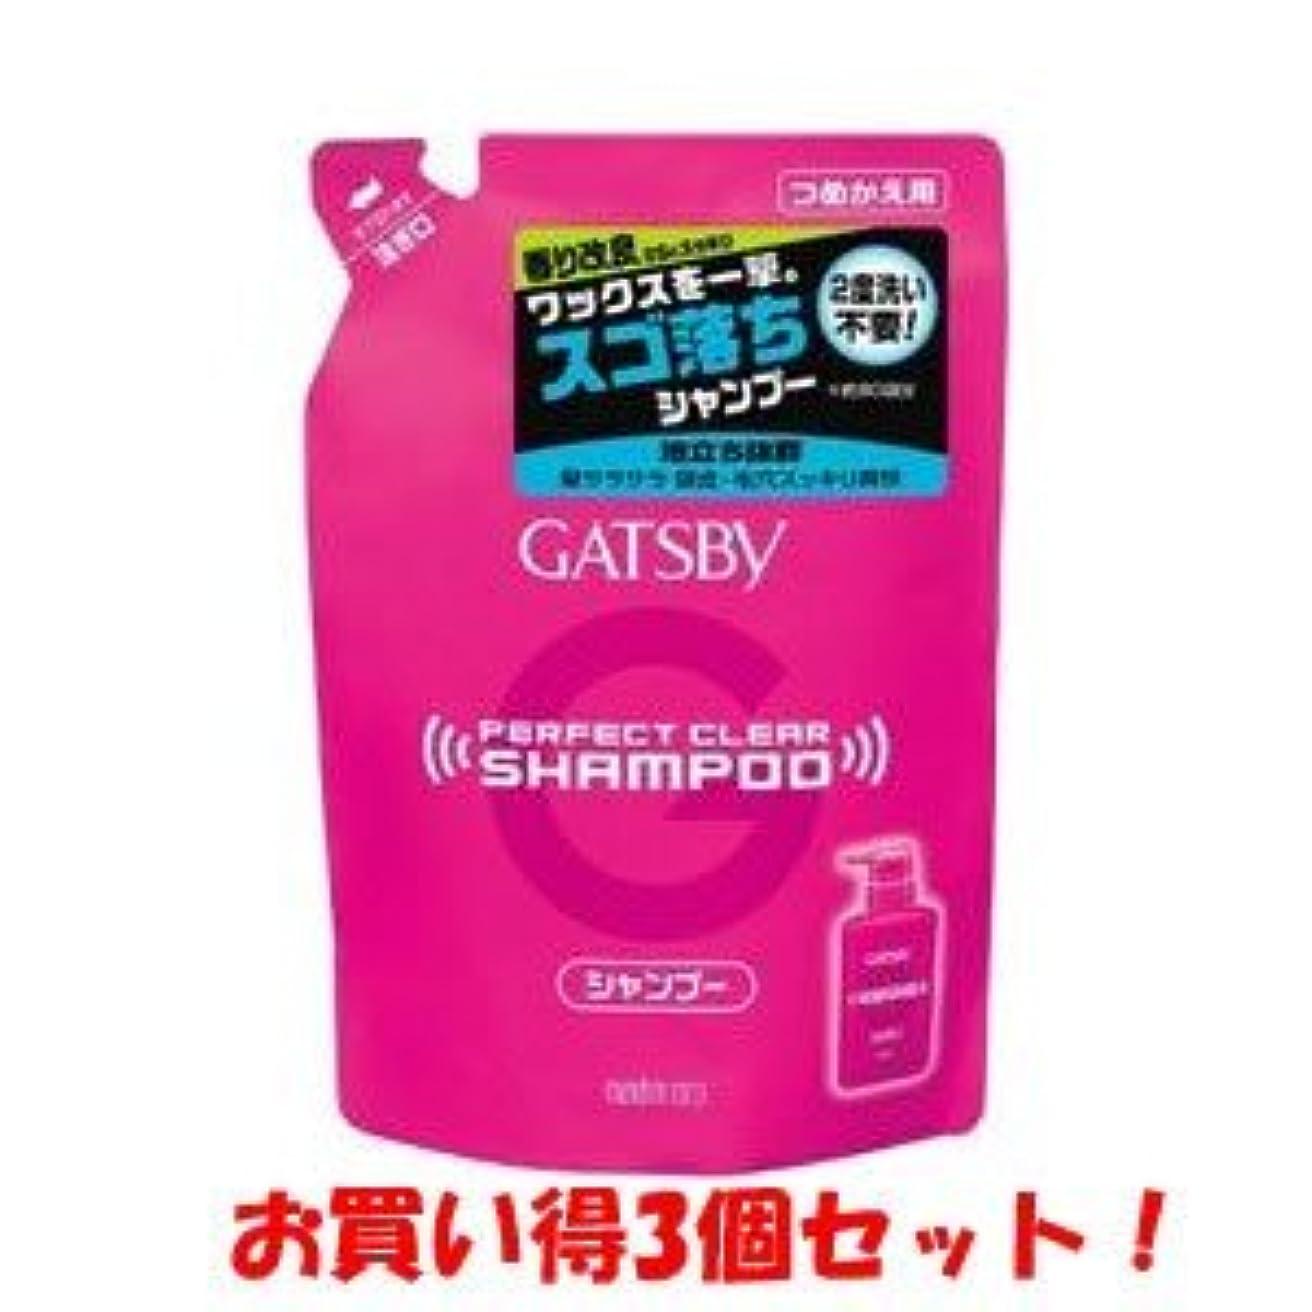 無駄キリンキリンギャツビー【GATSBY】パーフェクトクリアシャンプー 詰替 320ml(お買い得3個セット)